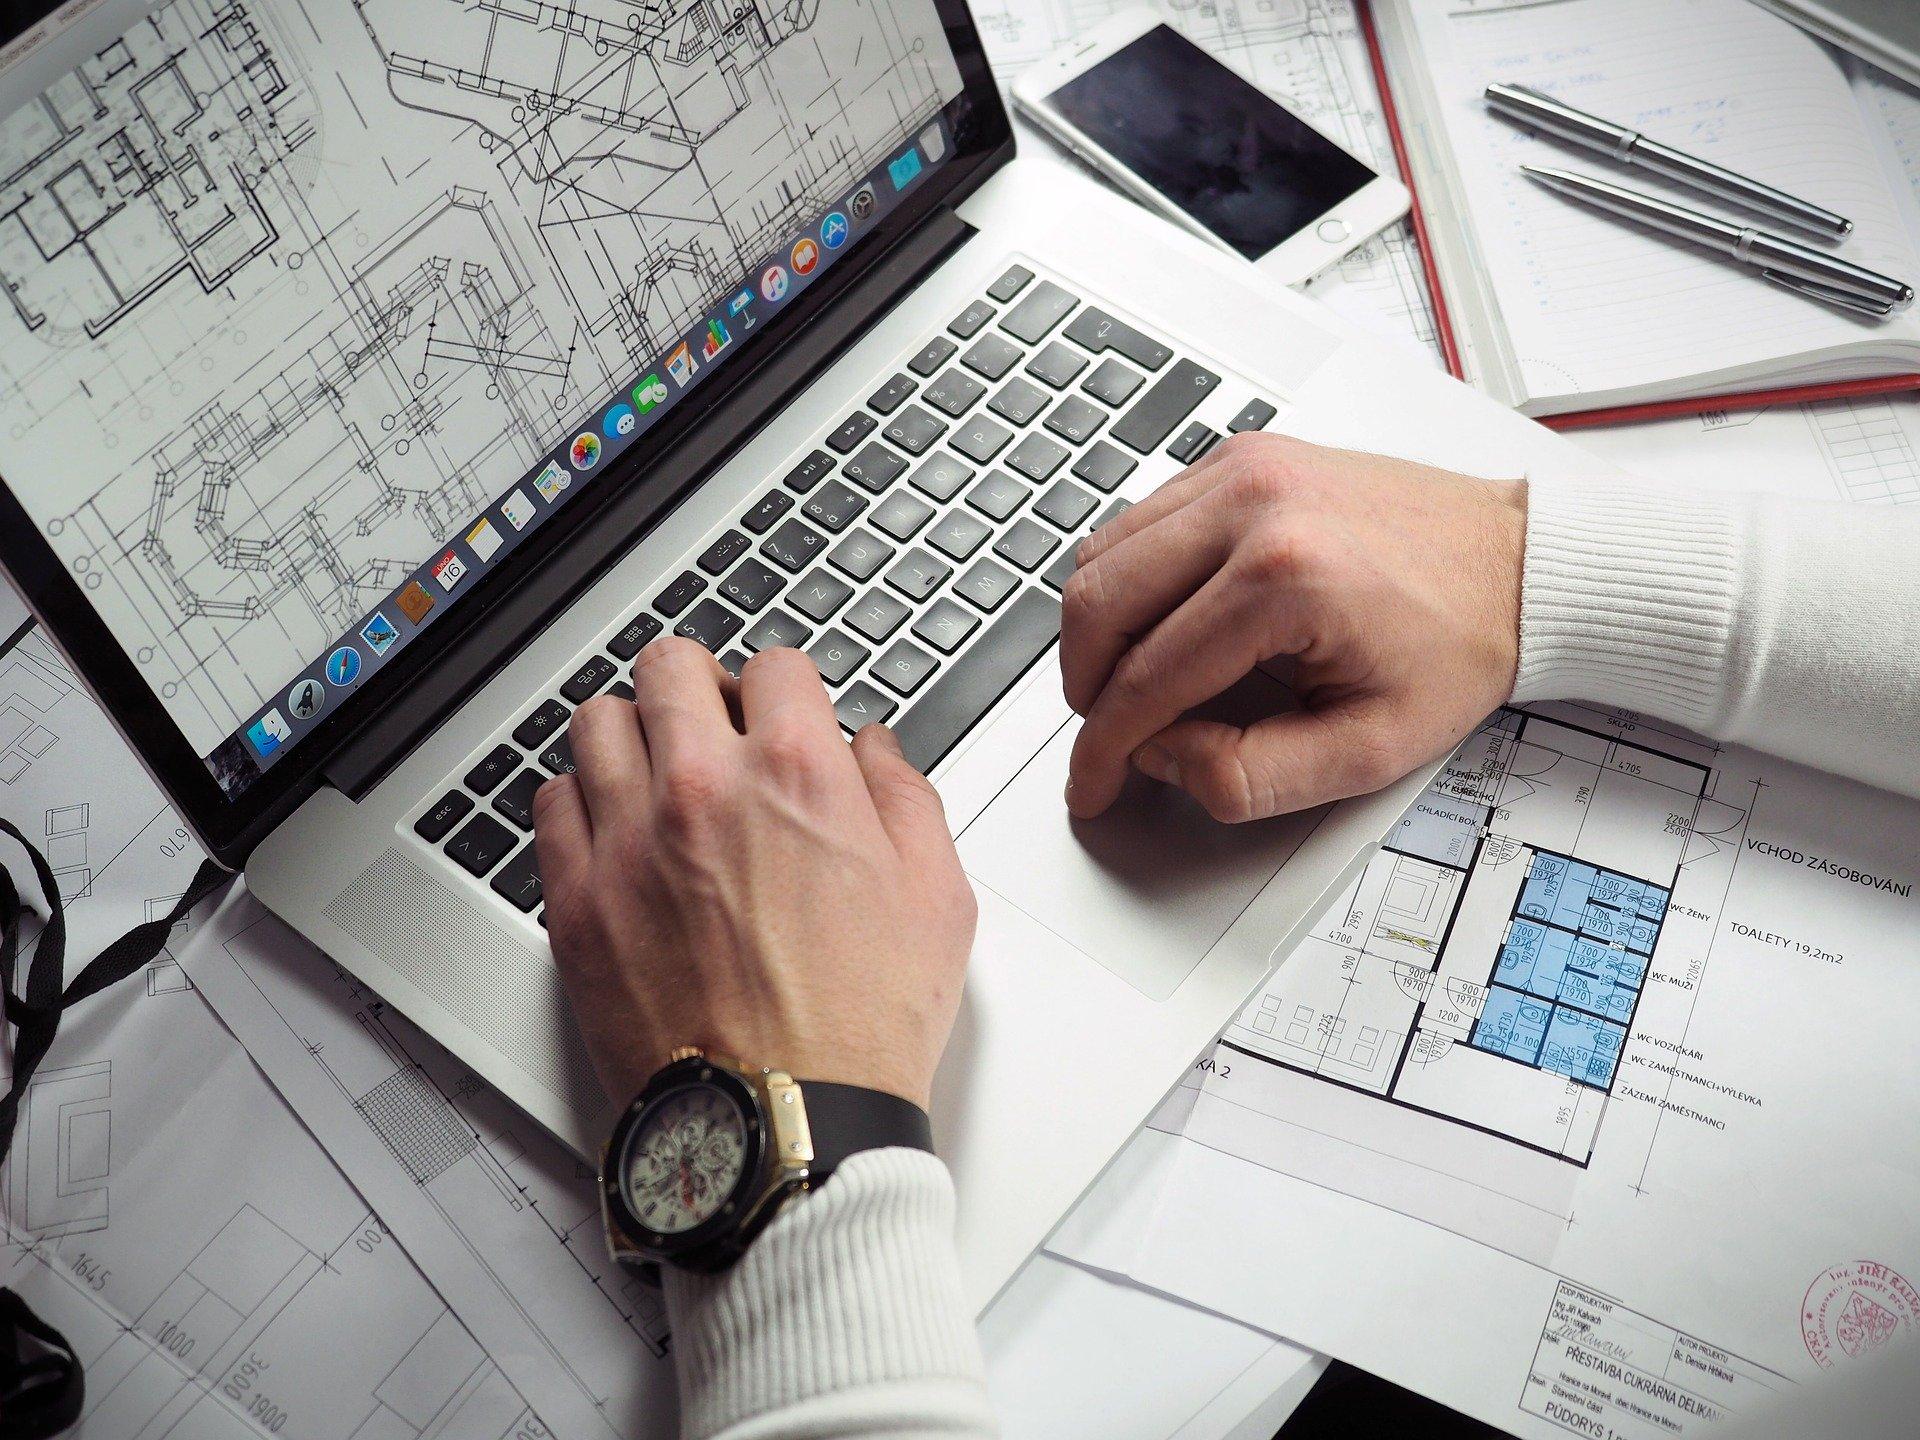 ほぐし処とりっぷのパソコン作業をしている男性のイメージ写真